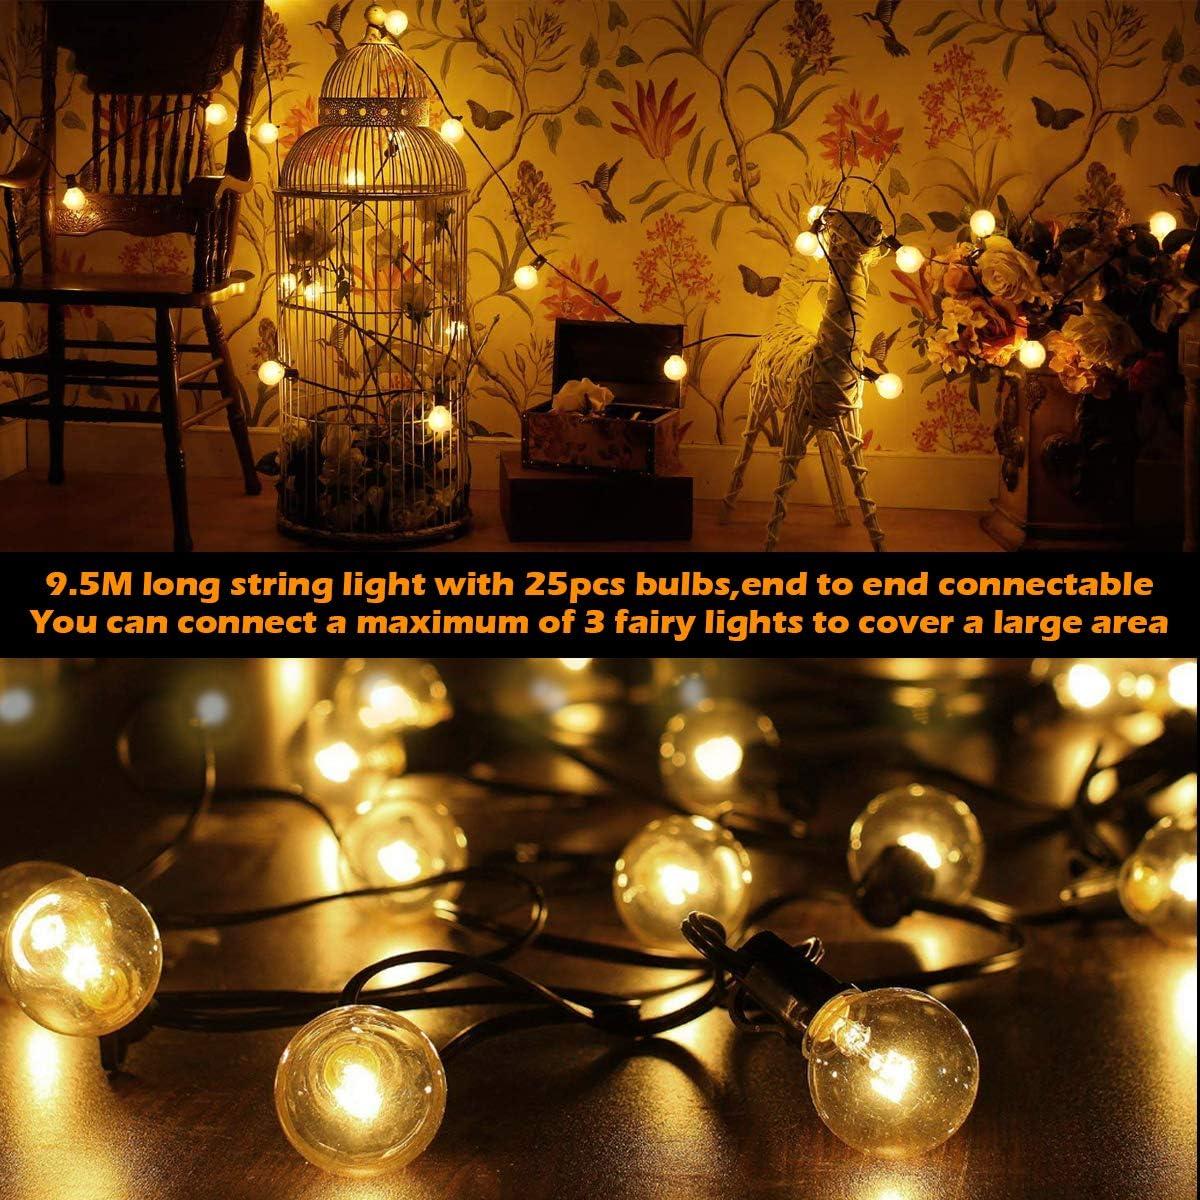 Globus Lichterkette BACKTURE G40 Au/ßen//Innen 9,5m 25 Gl/ühbirnen mit 4 Ersatz Warmwei/ß UL gelistete Lichterketten Beleuchtung f/ür Xmas Garten Terrasse Hochzeit Hof Haus Party Dekoration